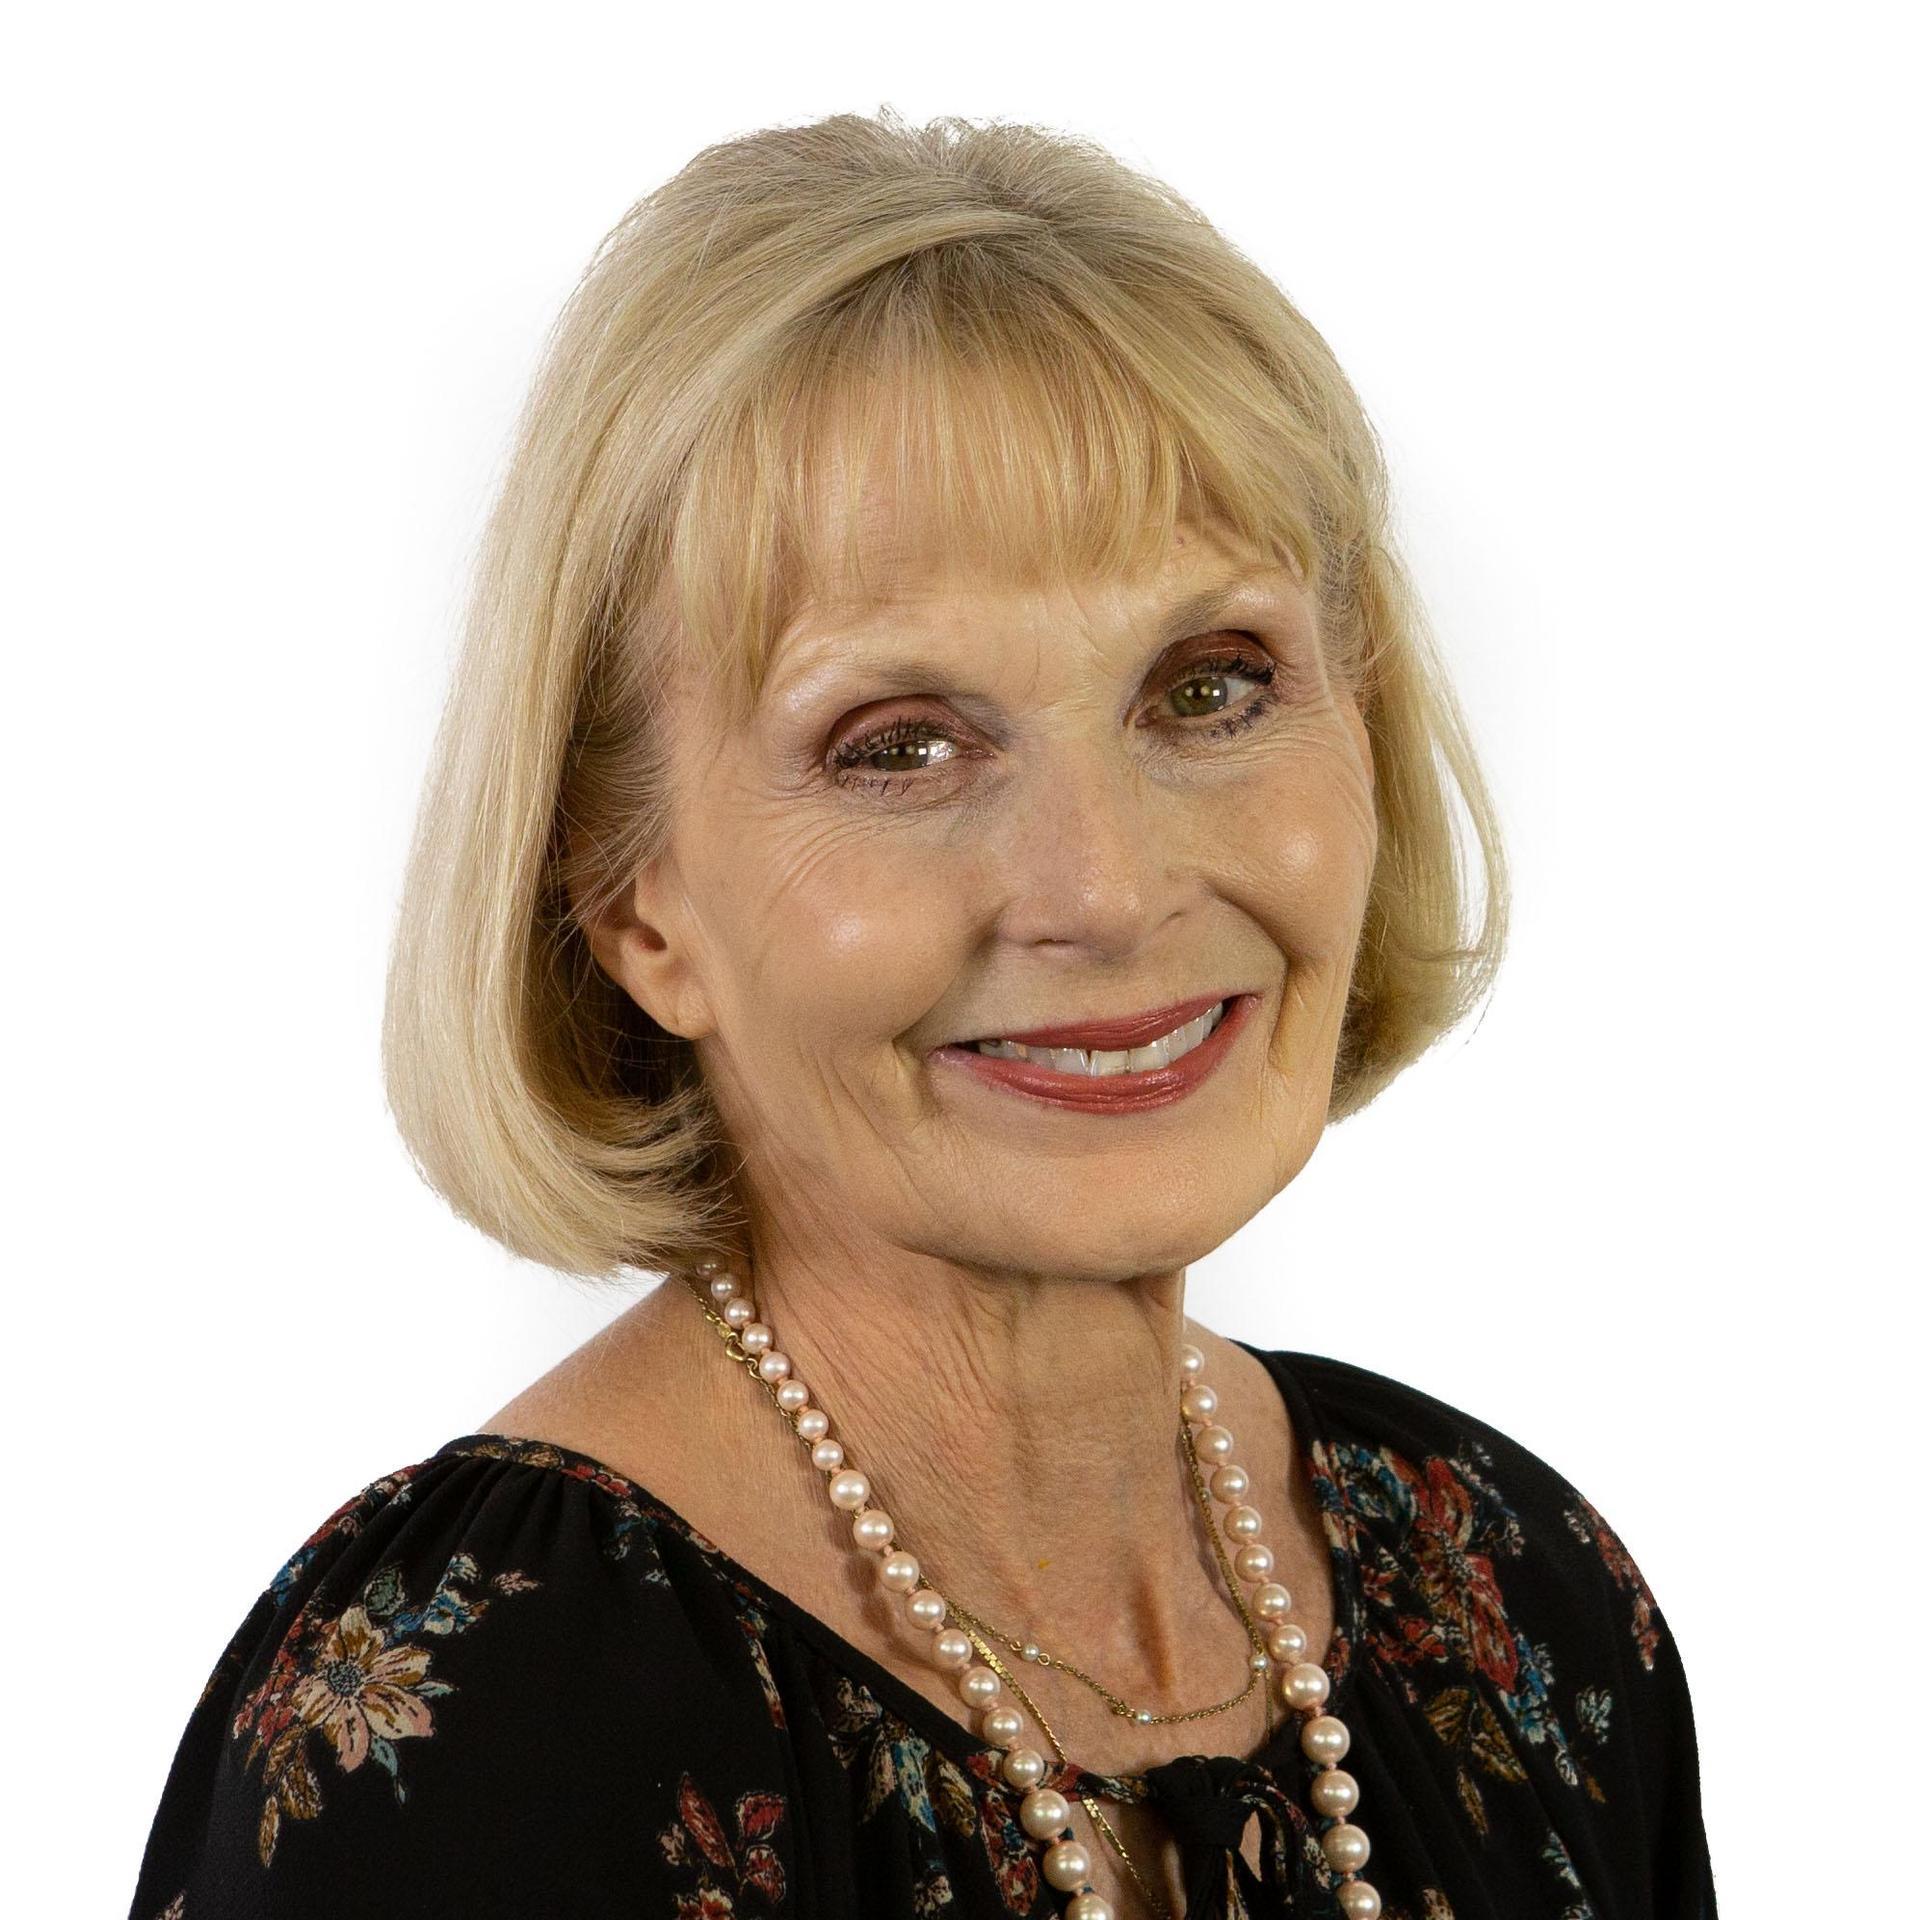 Sandy Emmerson